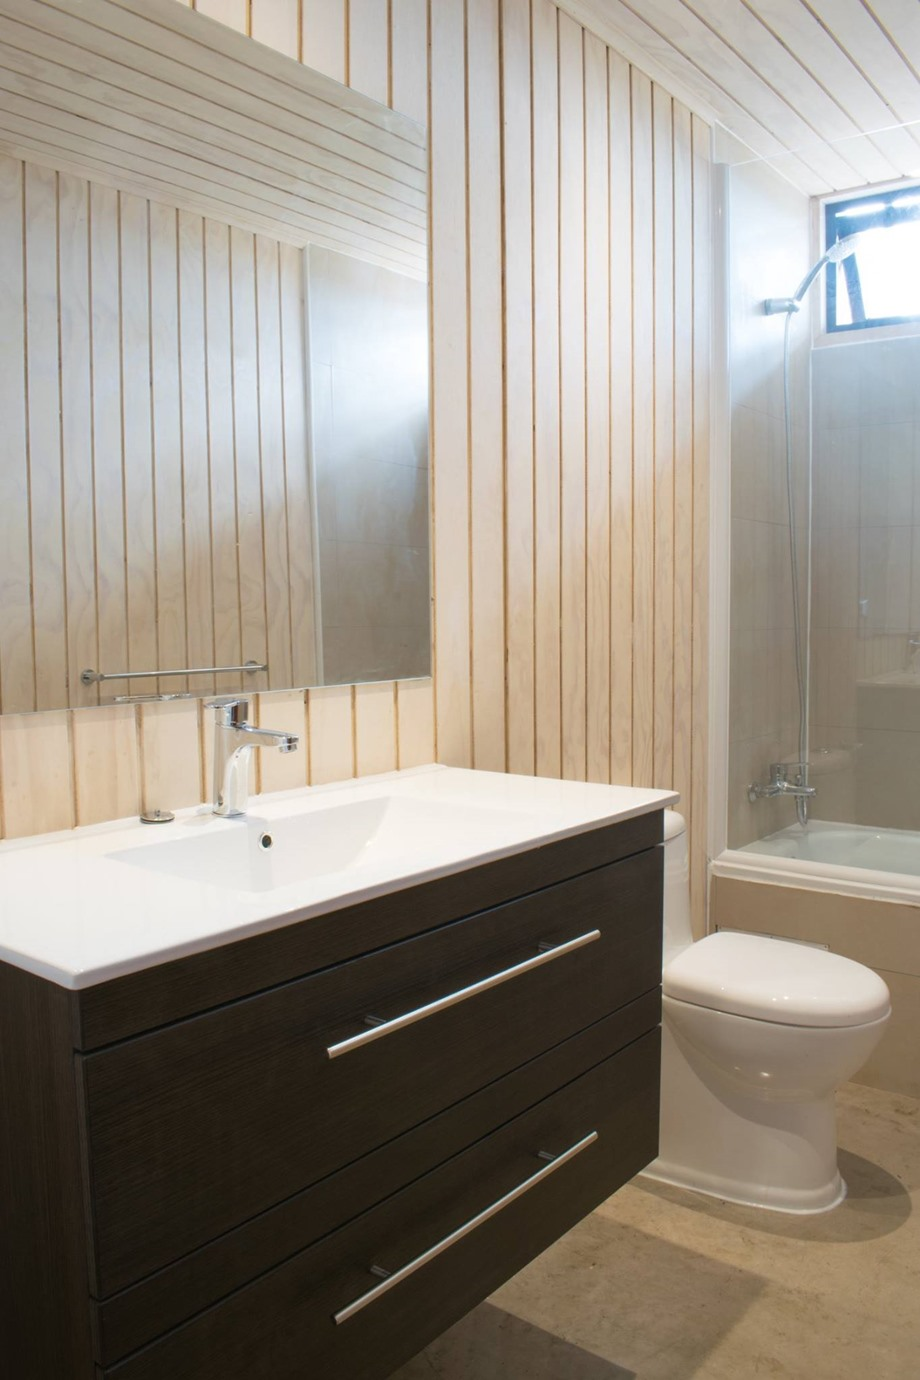 ห้องน้ำตกแต่งวัสดุลายไม้